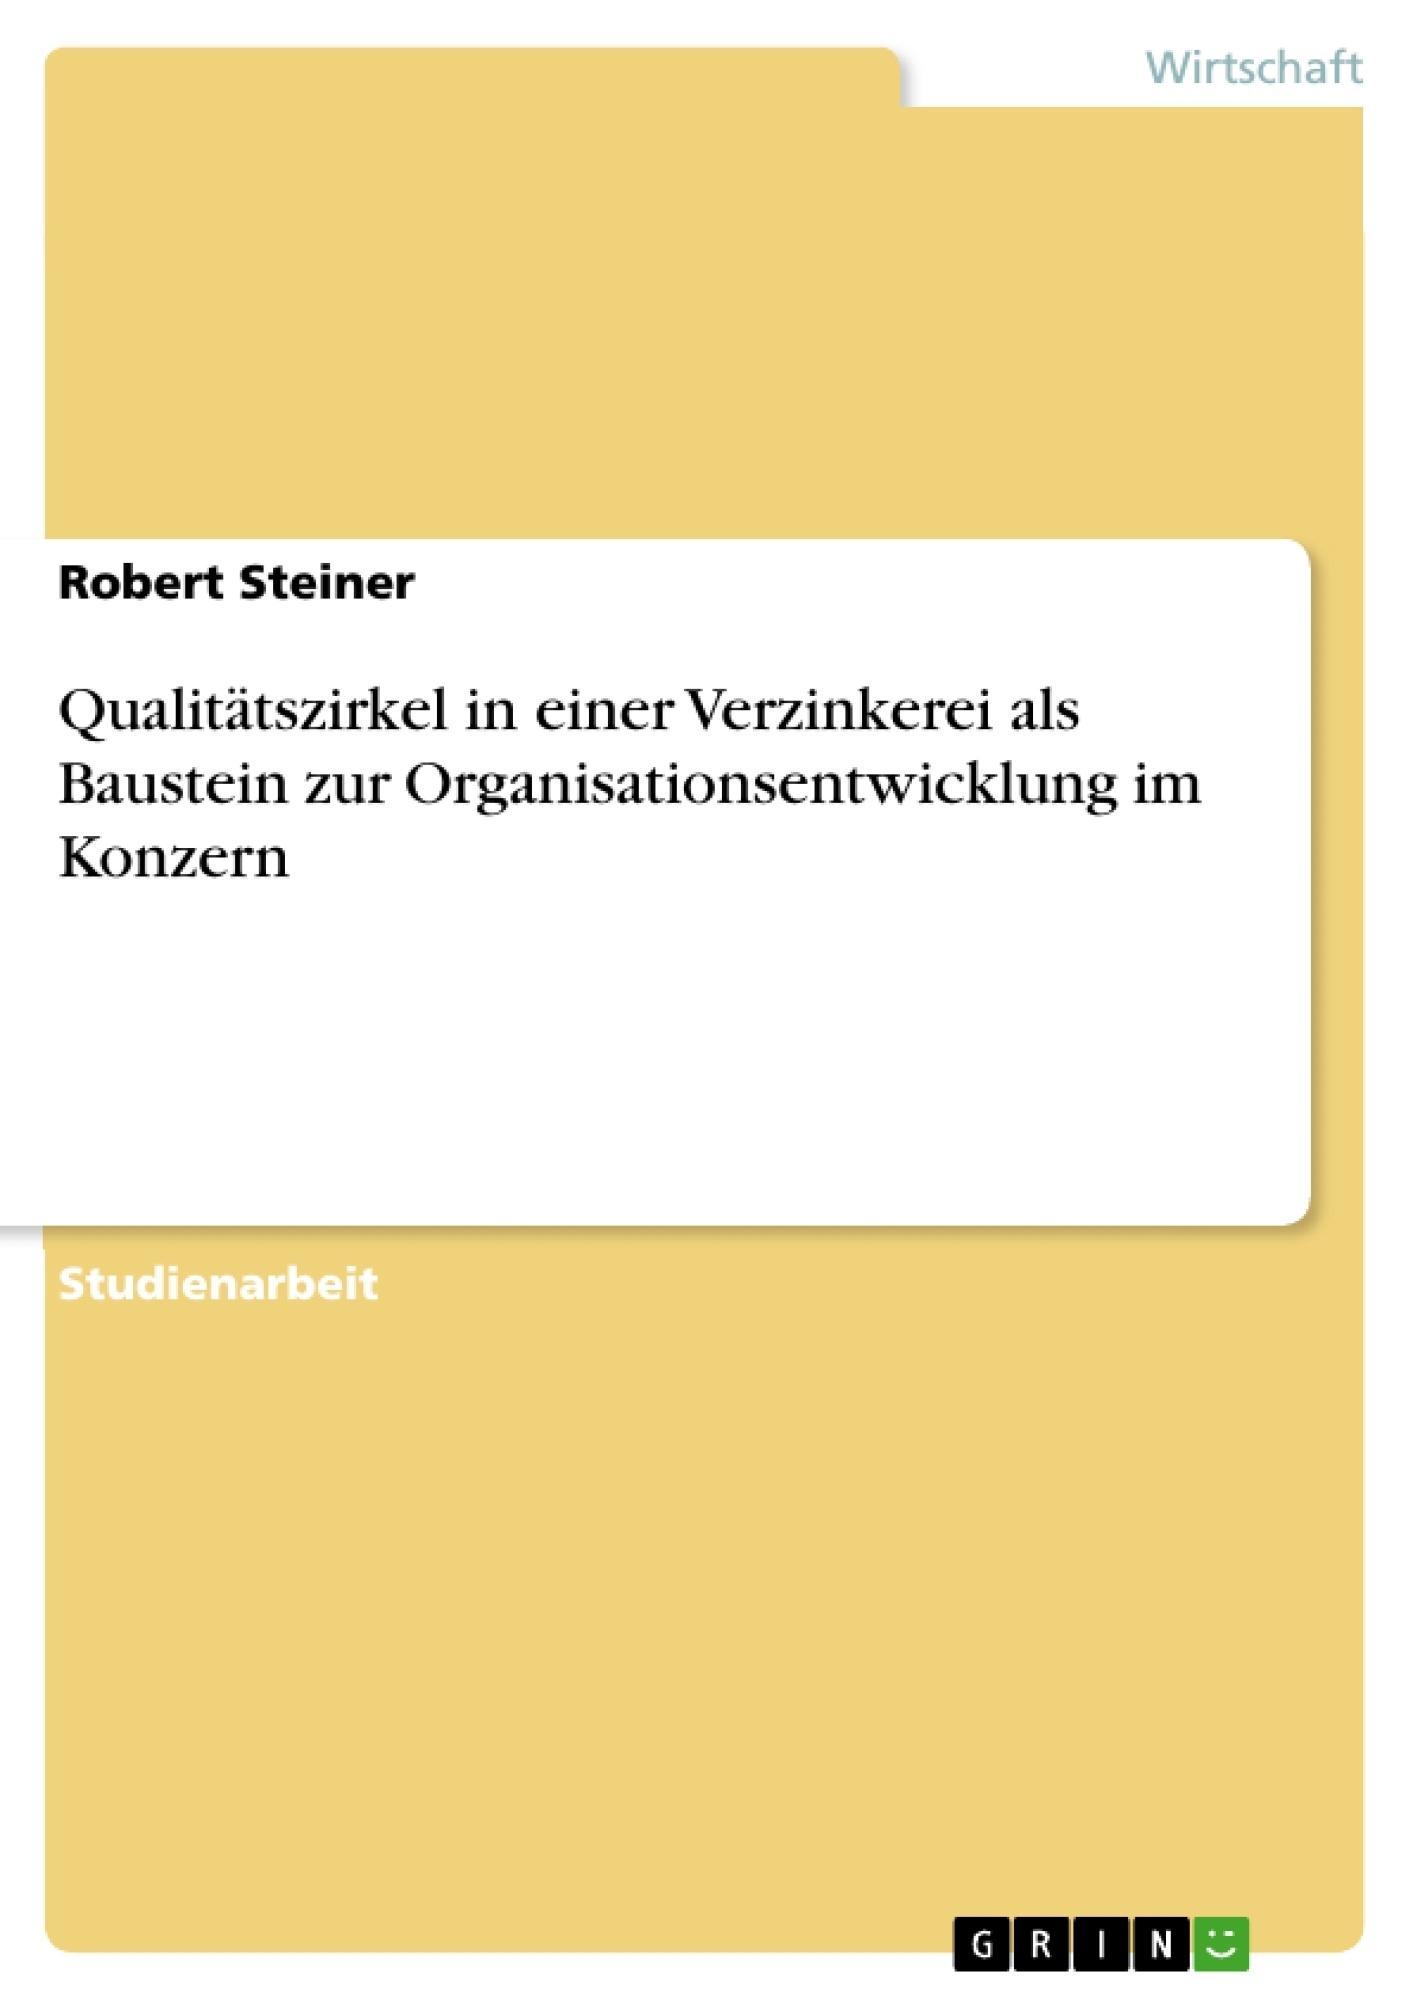 Titel: Qualitätszirkel in einer Verzinkerei als Baustein zur Organisationsentwicklung im Konzern